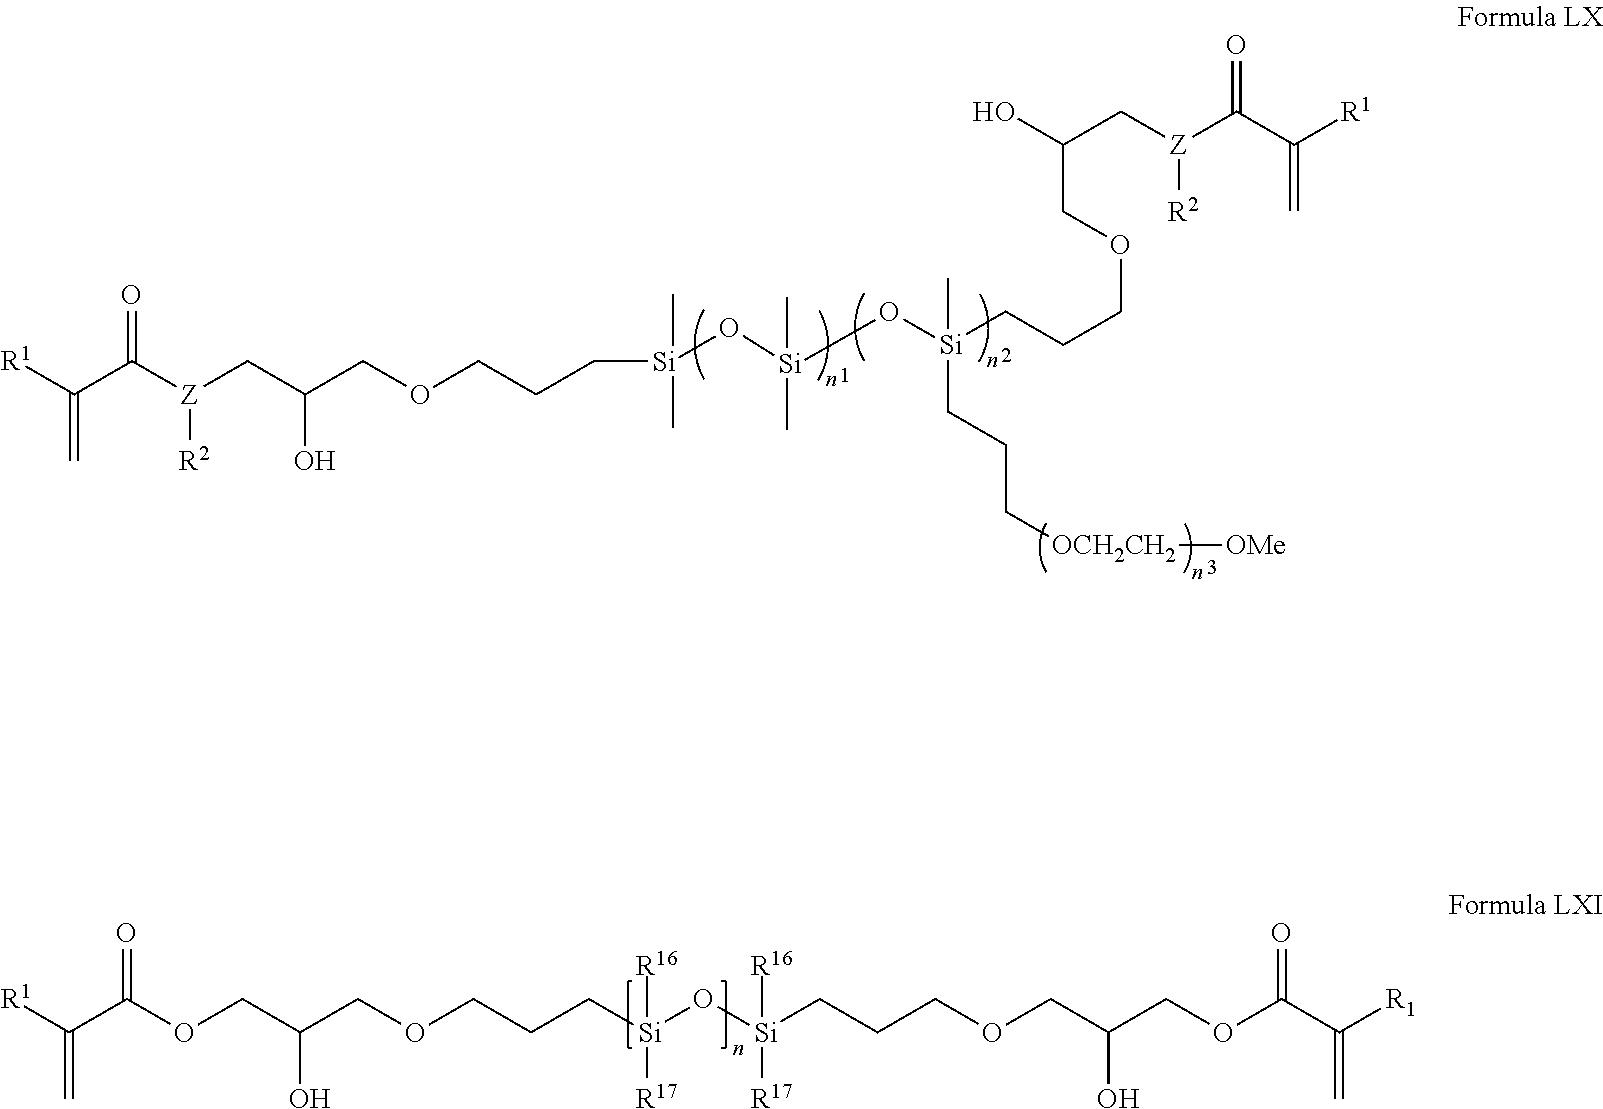 Figure US20180011223A1-20180111-C00018